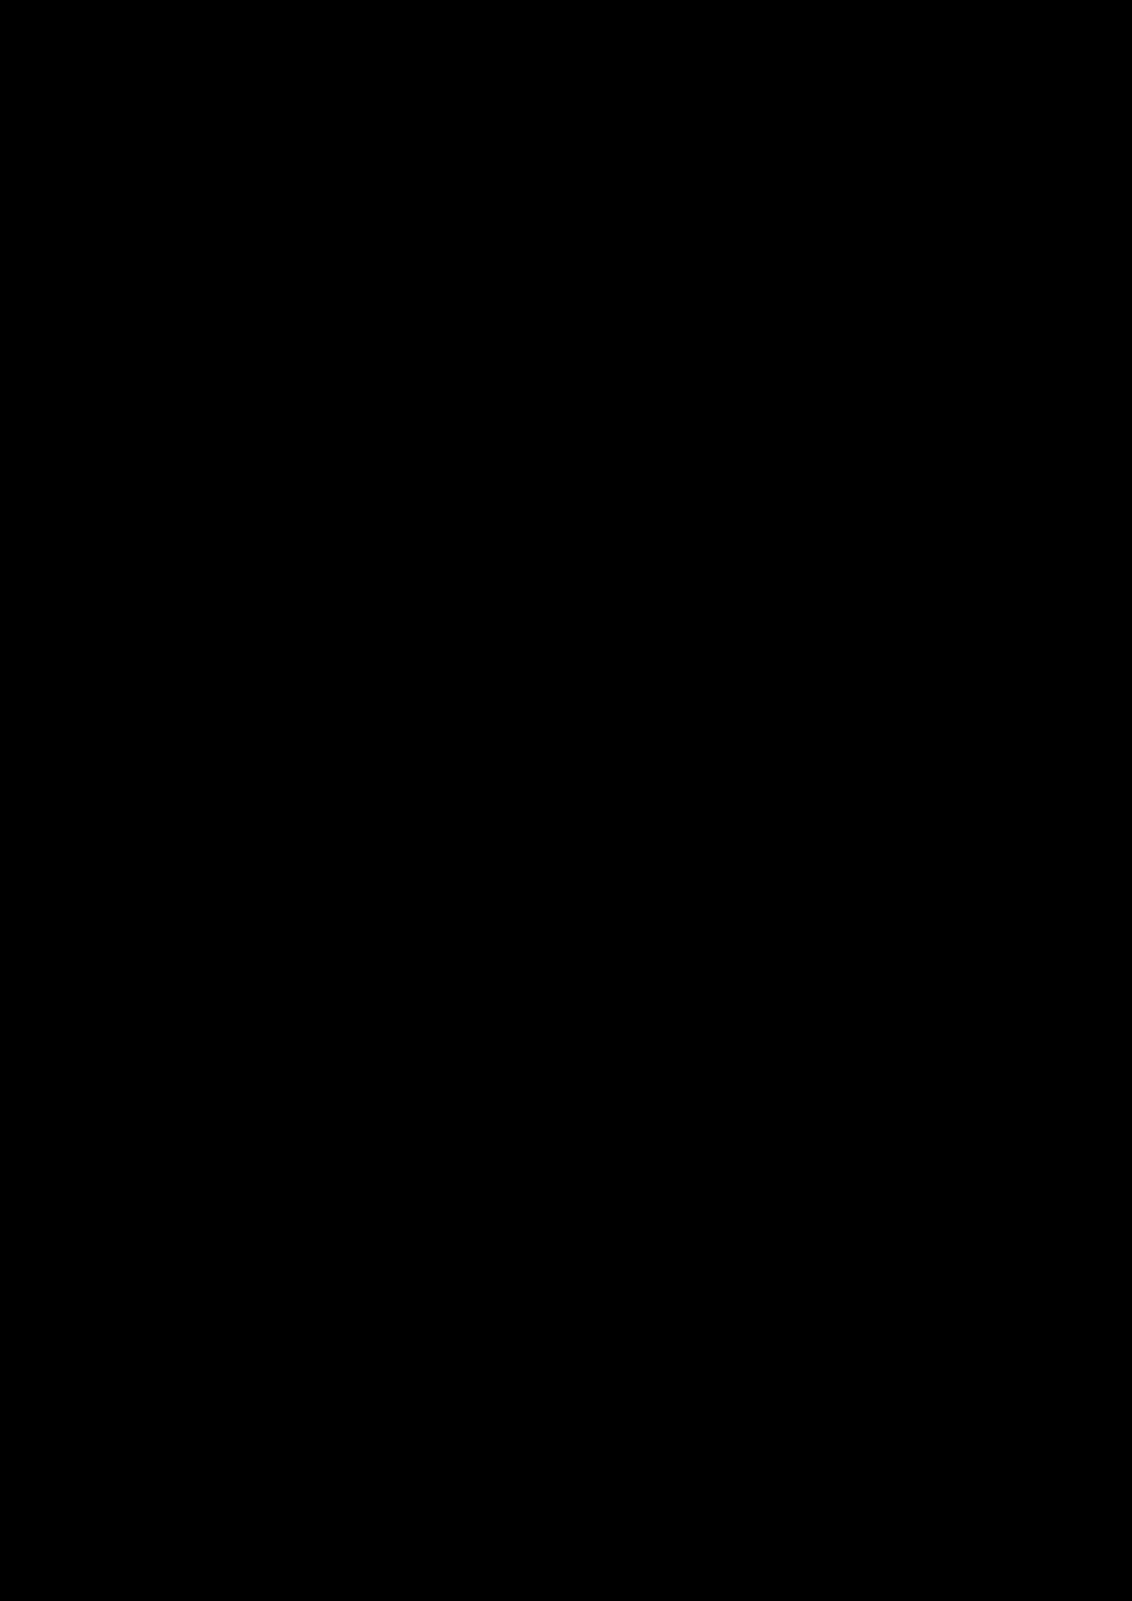 Zagadka volshebnoy stranyi slide, Image 115